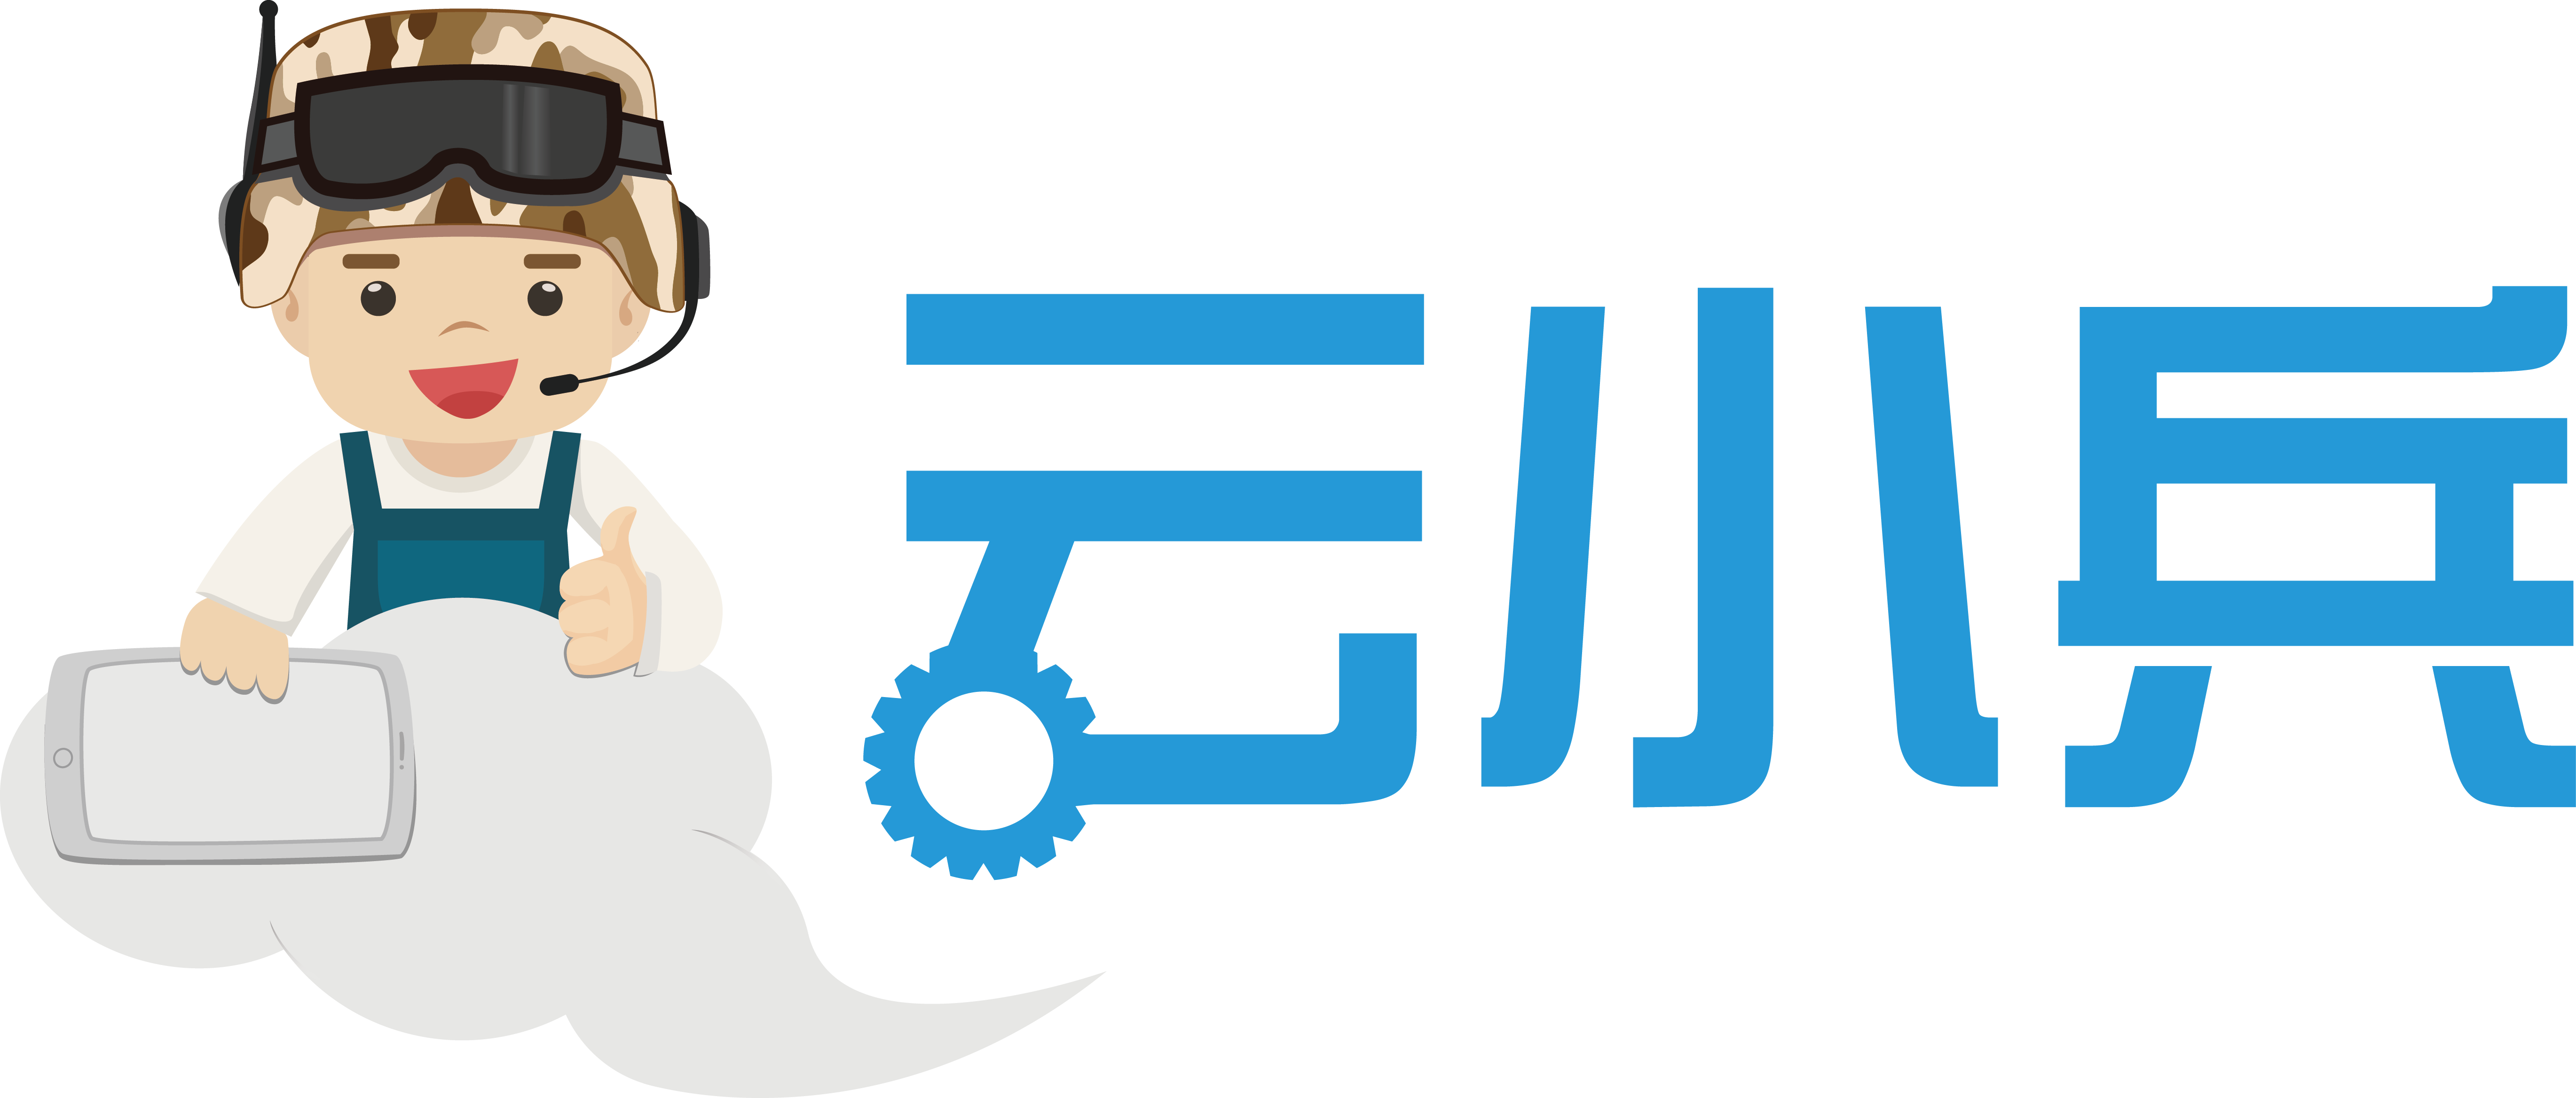 网站卡顿 |网站故障排查 |网站CPU高  |网站检查 |网站维护